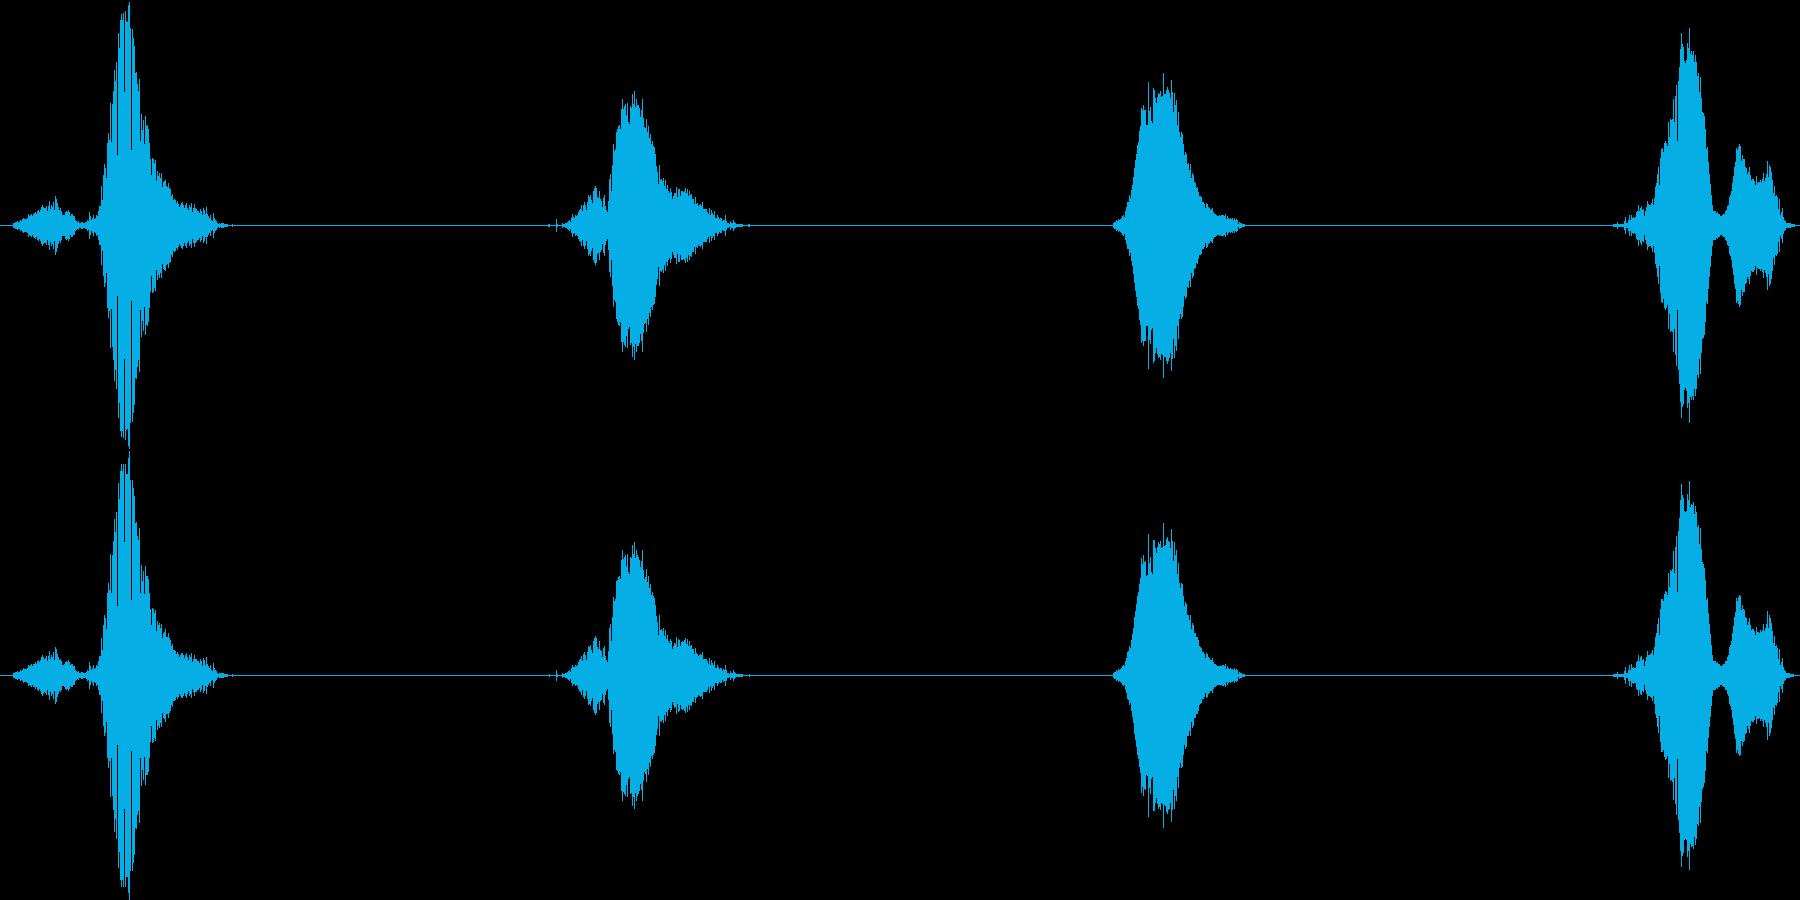 【子供カウント】3、2、1、0!(英語)の再生済みの波形